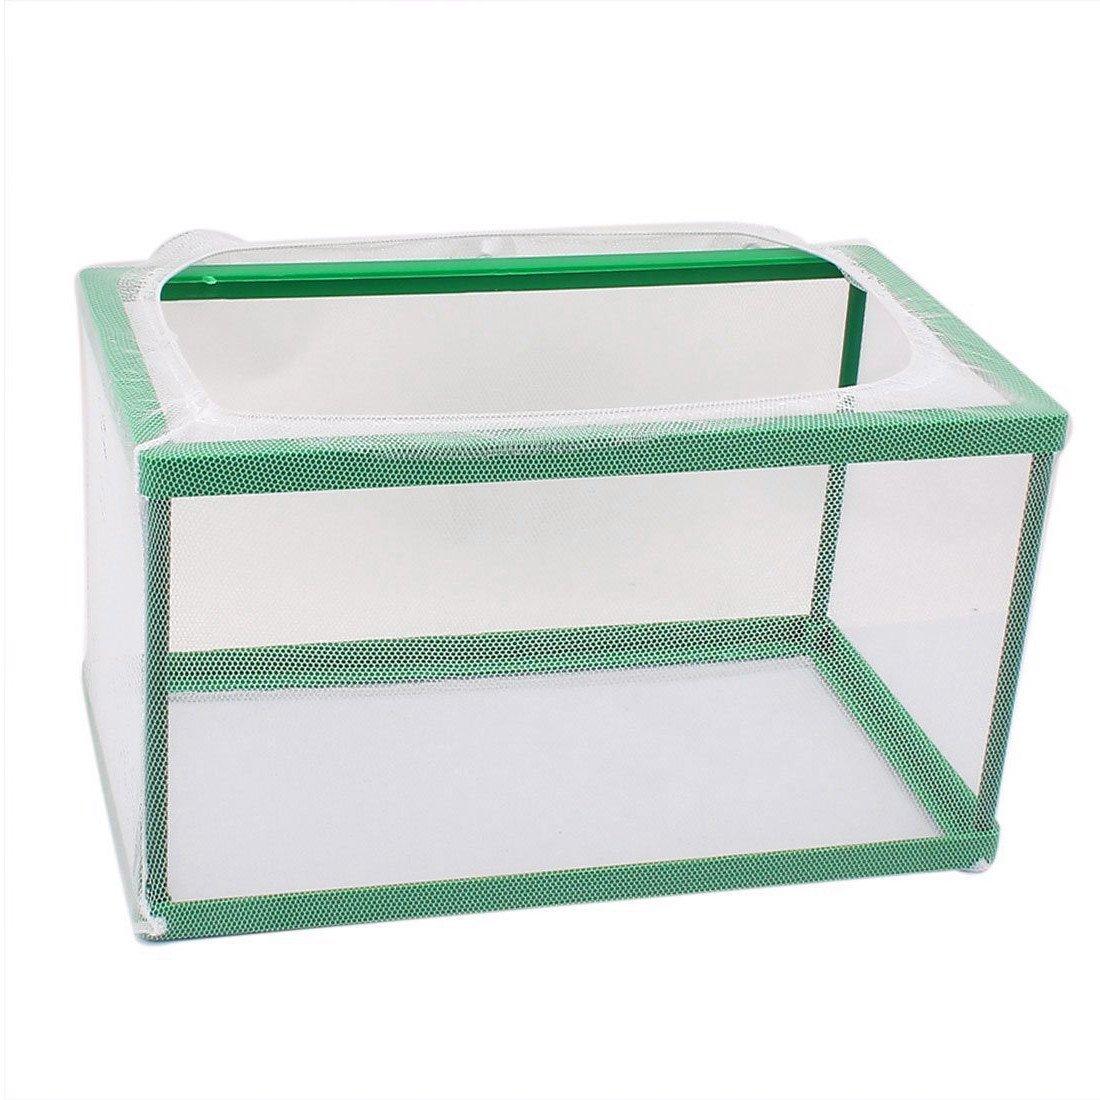 XMHF Nylon Mesh Fish Fry Hatchery Breeder Box Separation Net White Green